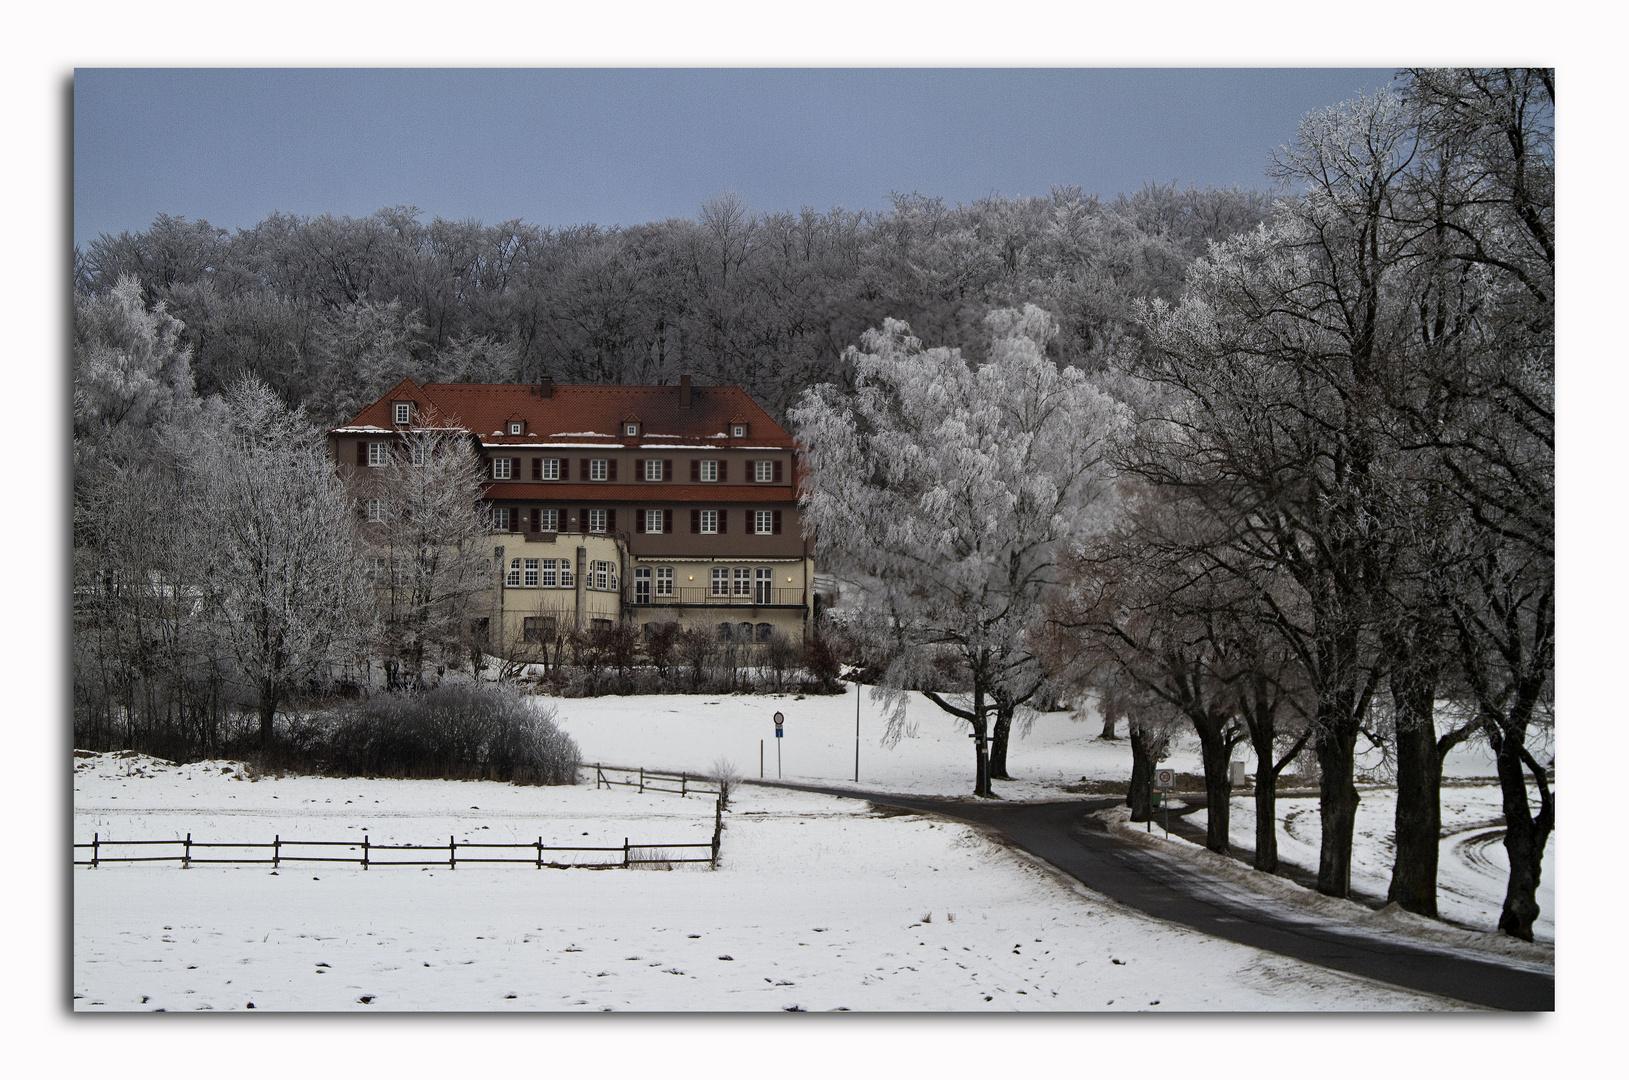 Hotel Traifelberg auf der Schwäbischen Alb